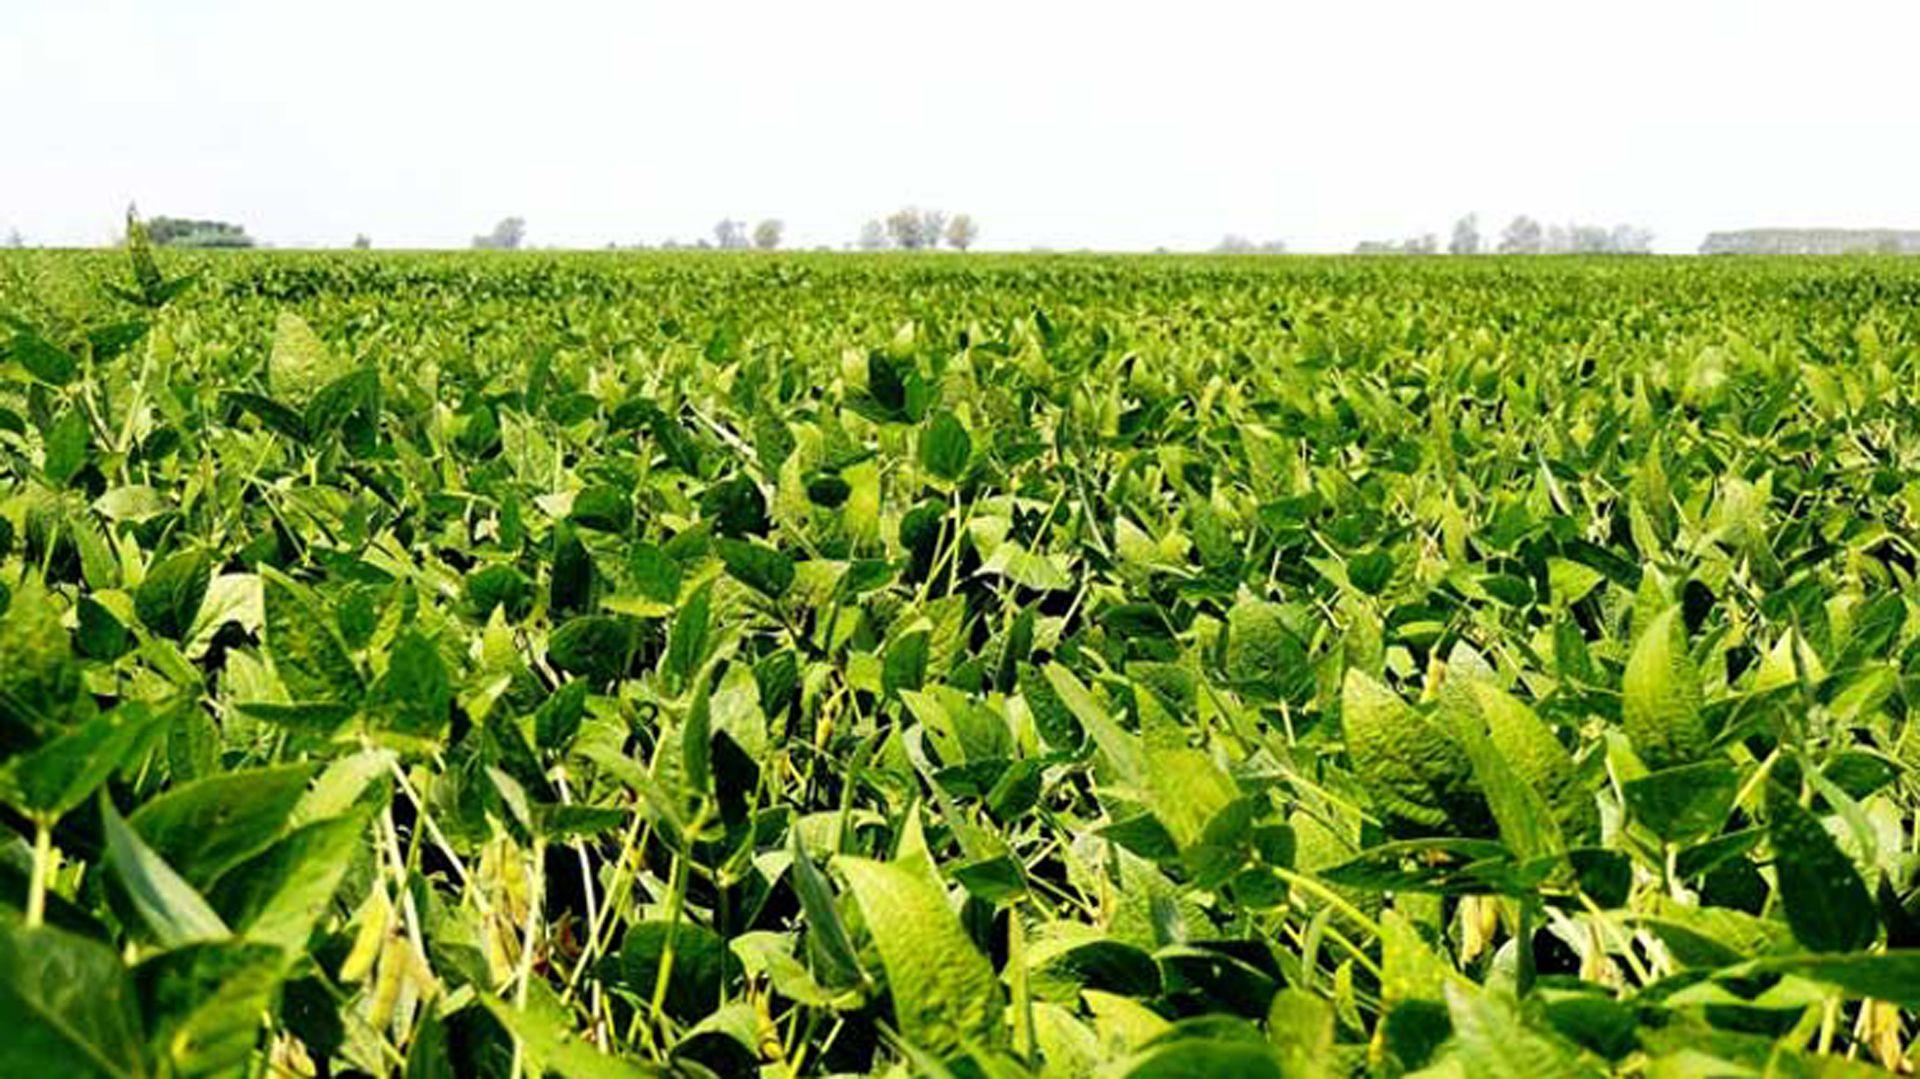 Por la elevada presión impositiva, entre otros problemas que influyen, podría caer la próxima siembra de soja